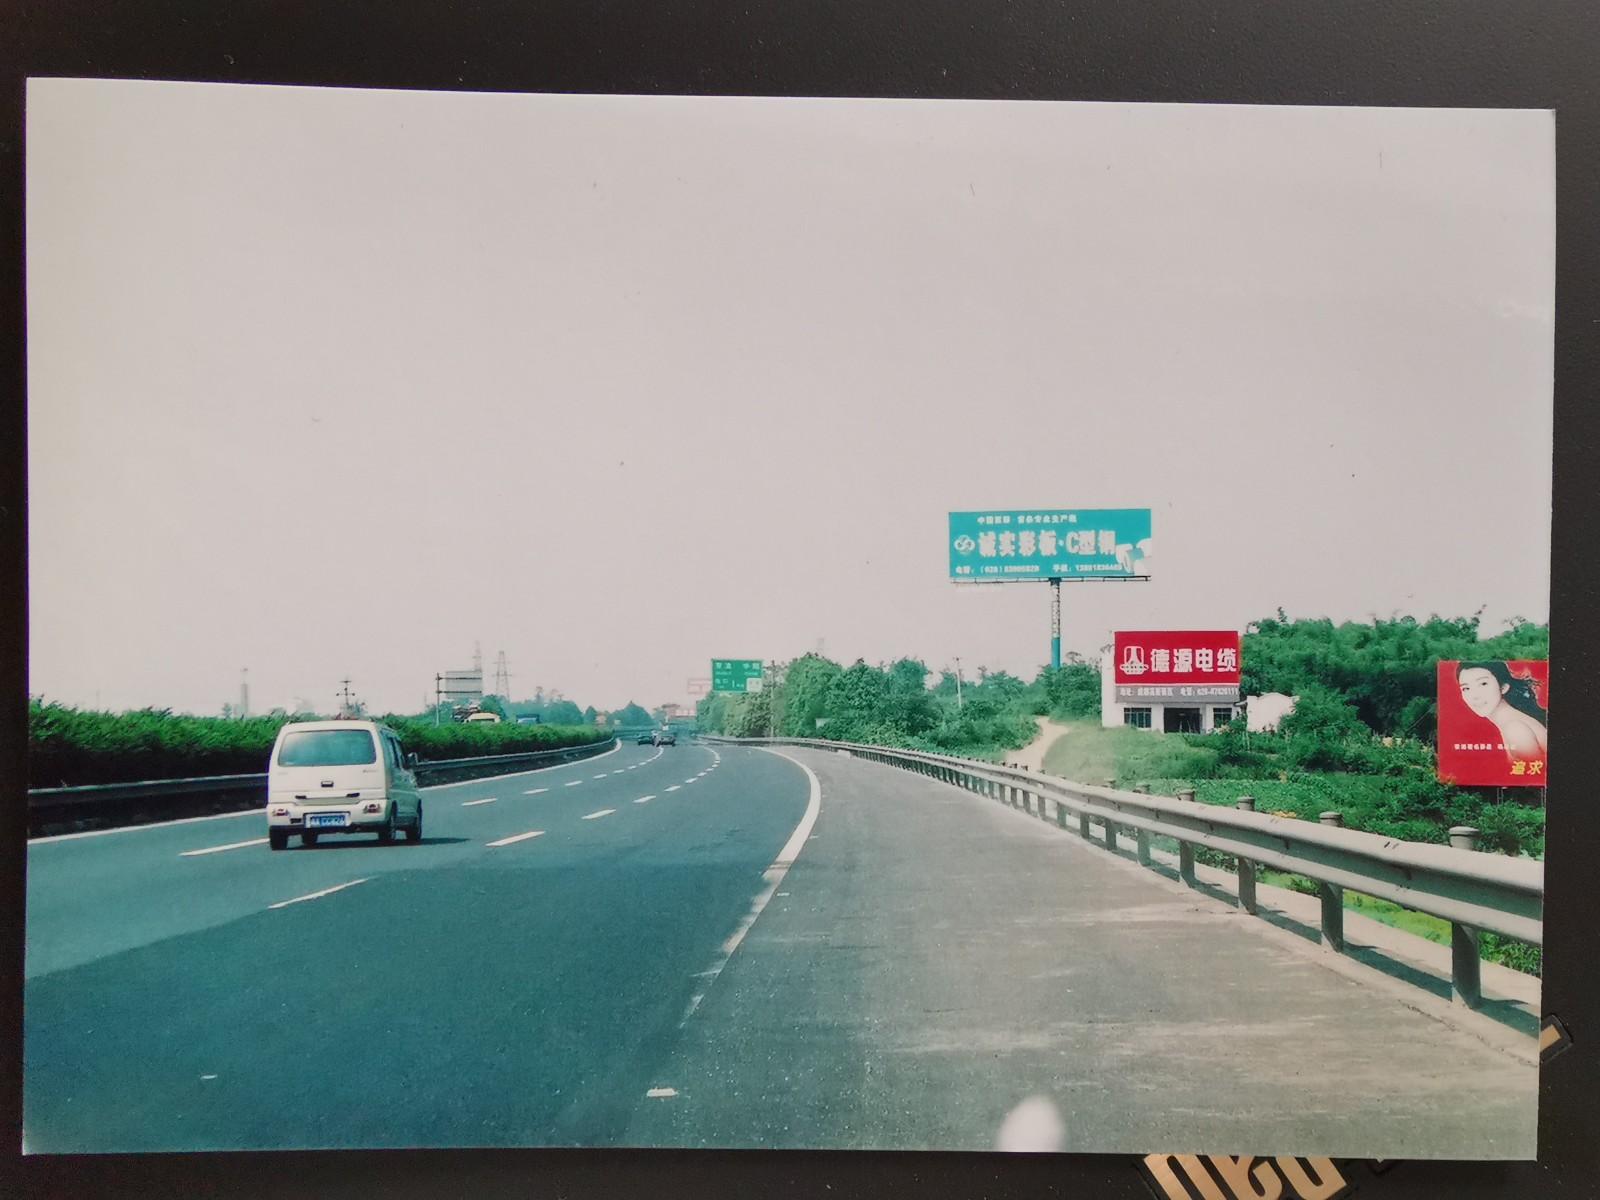 成绵高速公路立柱型广告大牌